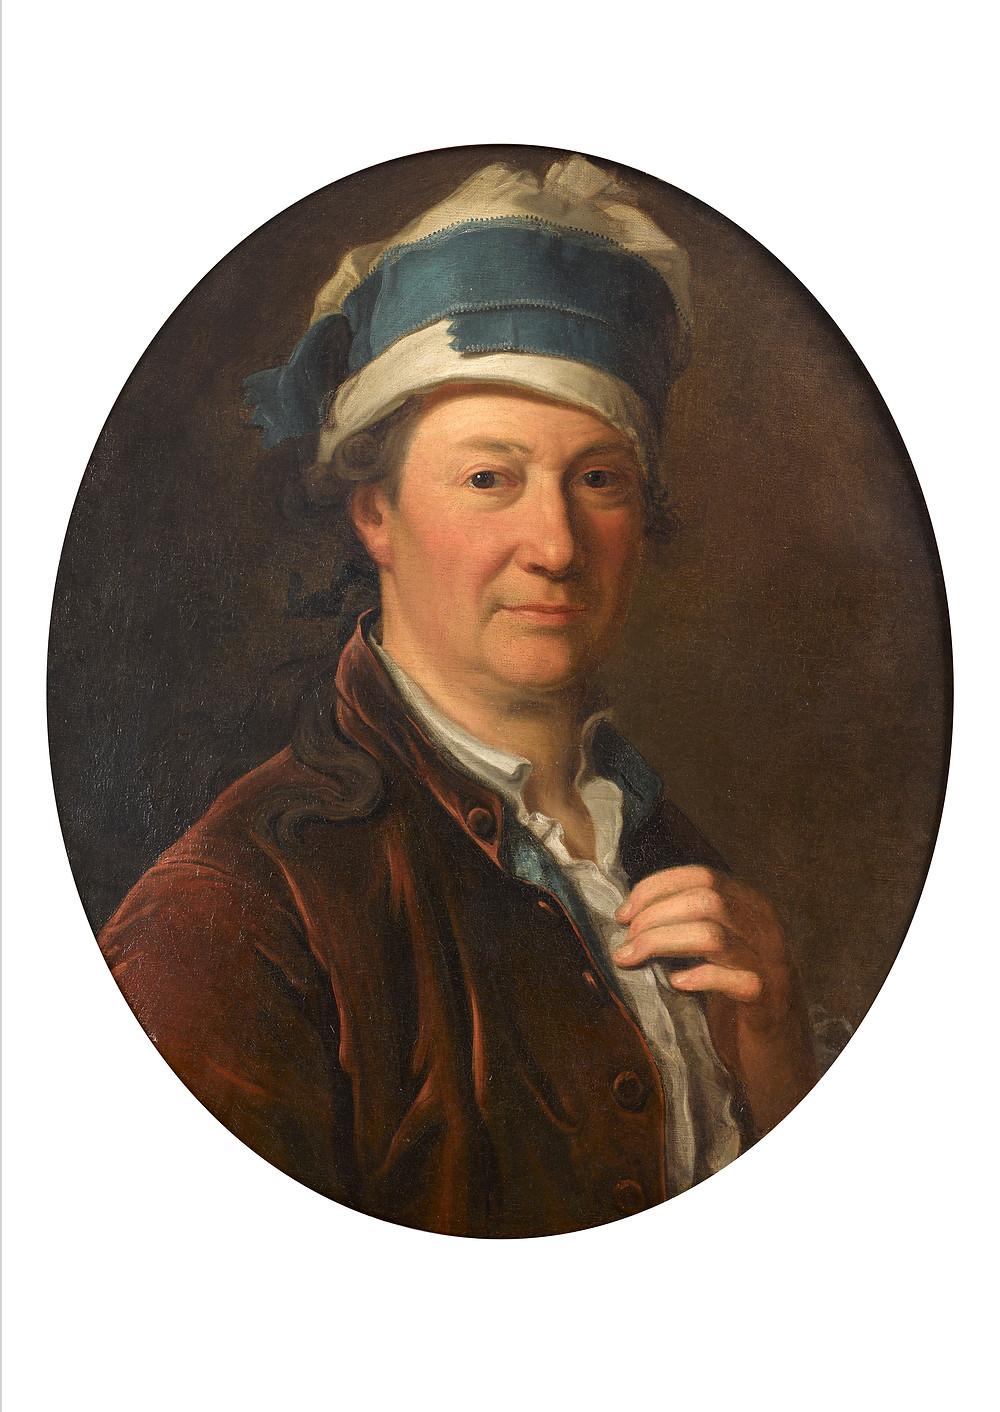 Michel Hubert-Descours, Autoportrait, 1770, collection particulière